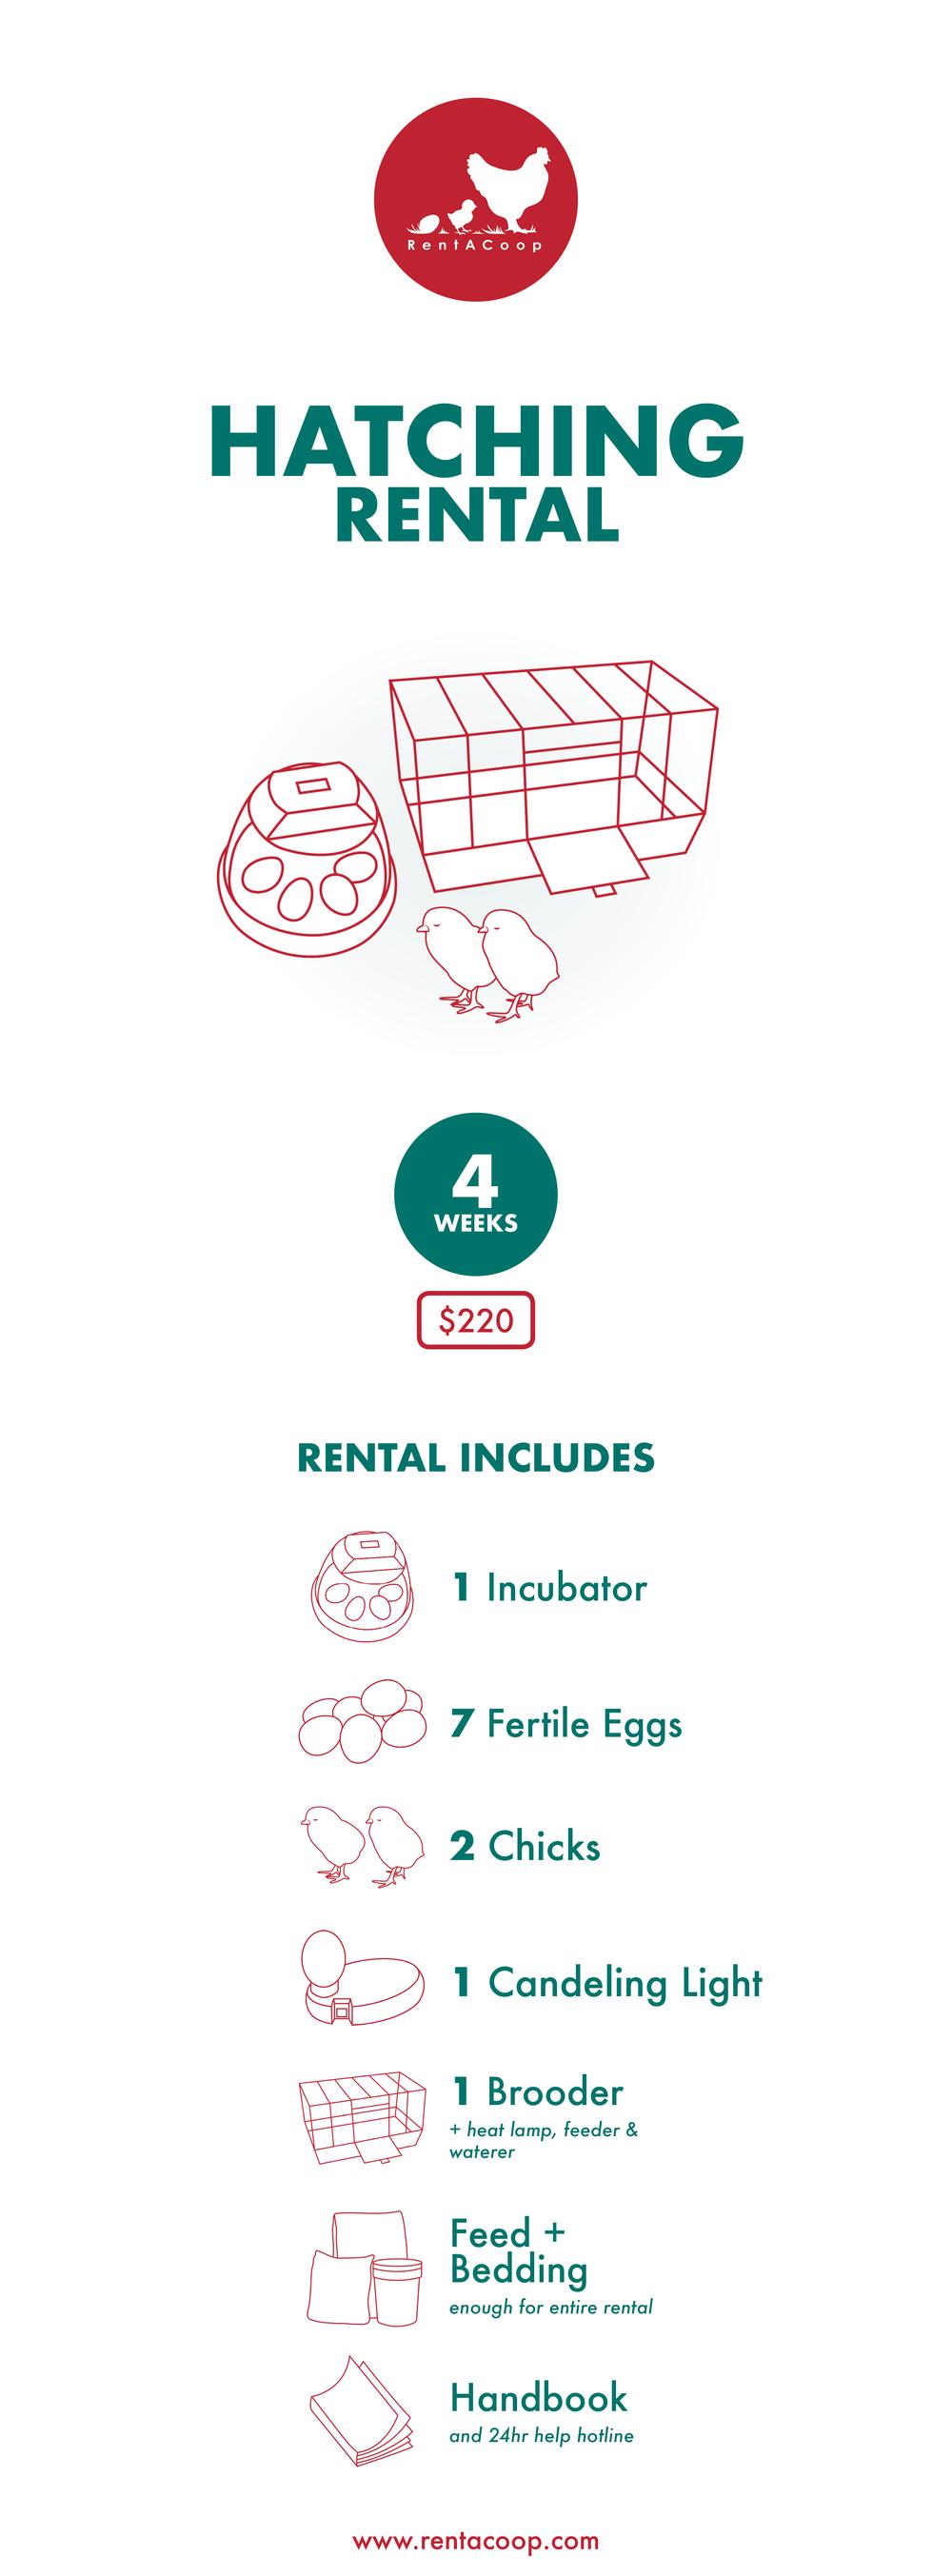 Hatching Rental